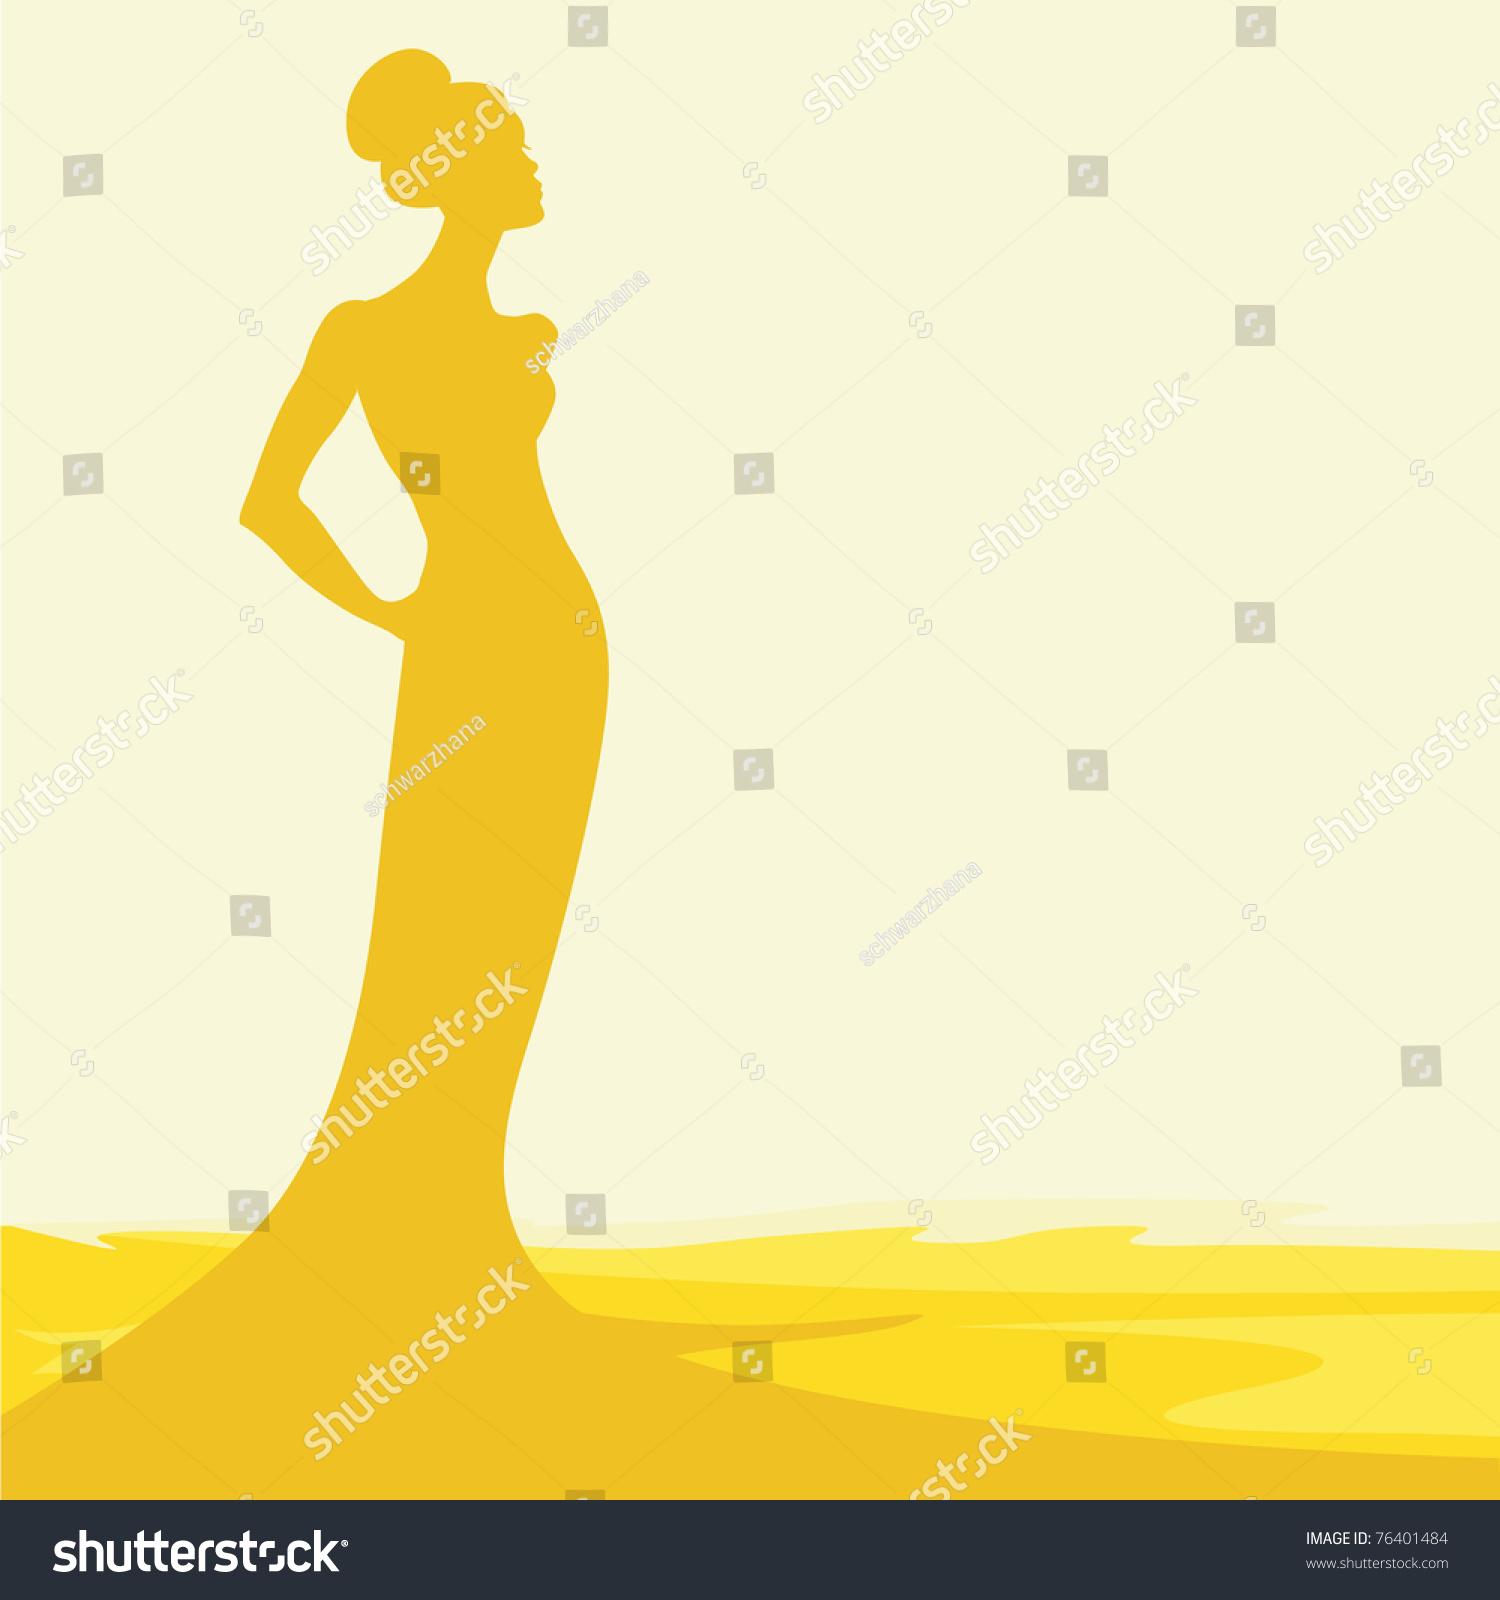 轮廓的女人在热沙-背景/素材,插图/剪贴图-海洛创意()